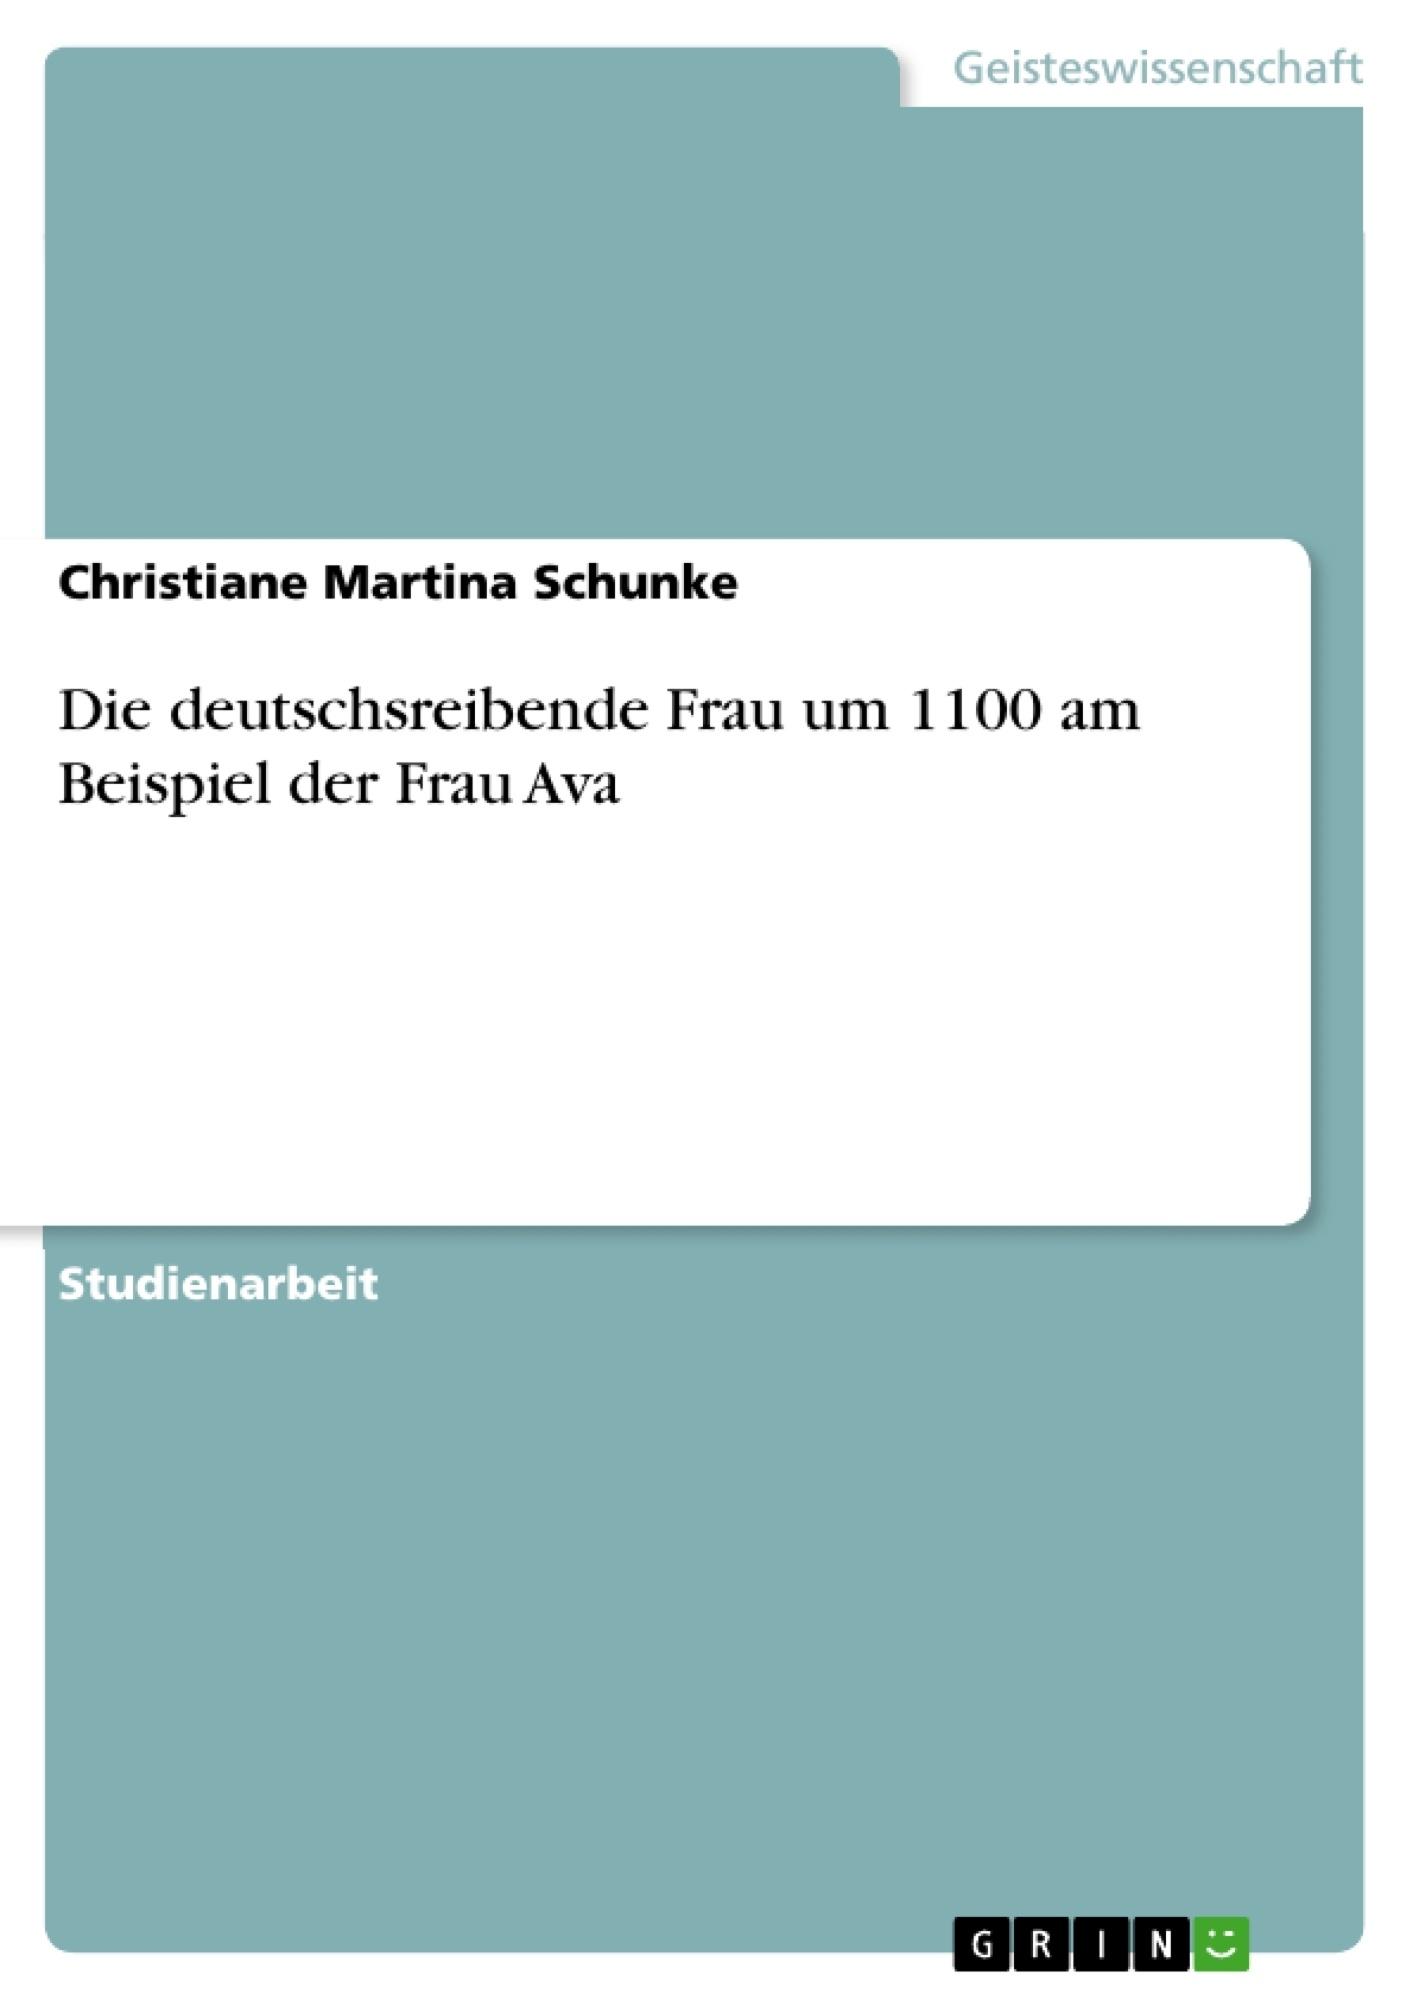 Titel: Die deutschsreibende Frau um 1100 am Beispiel der Frau Ava